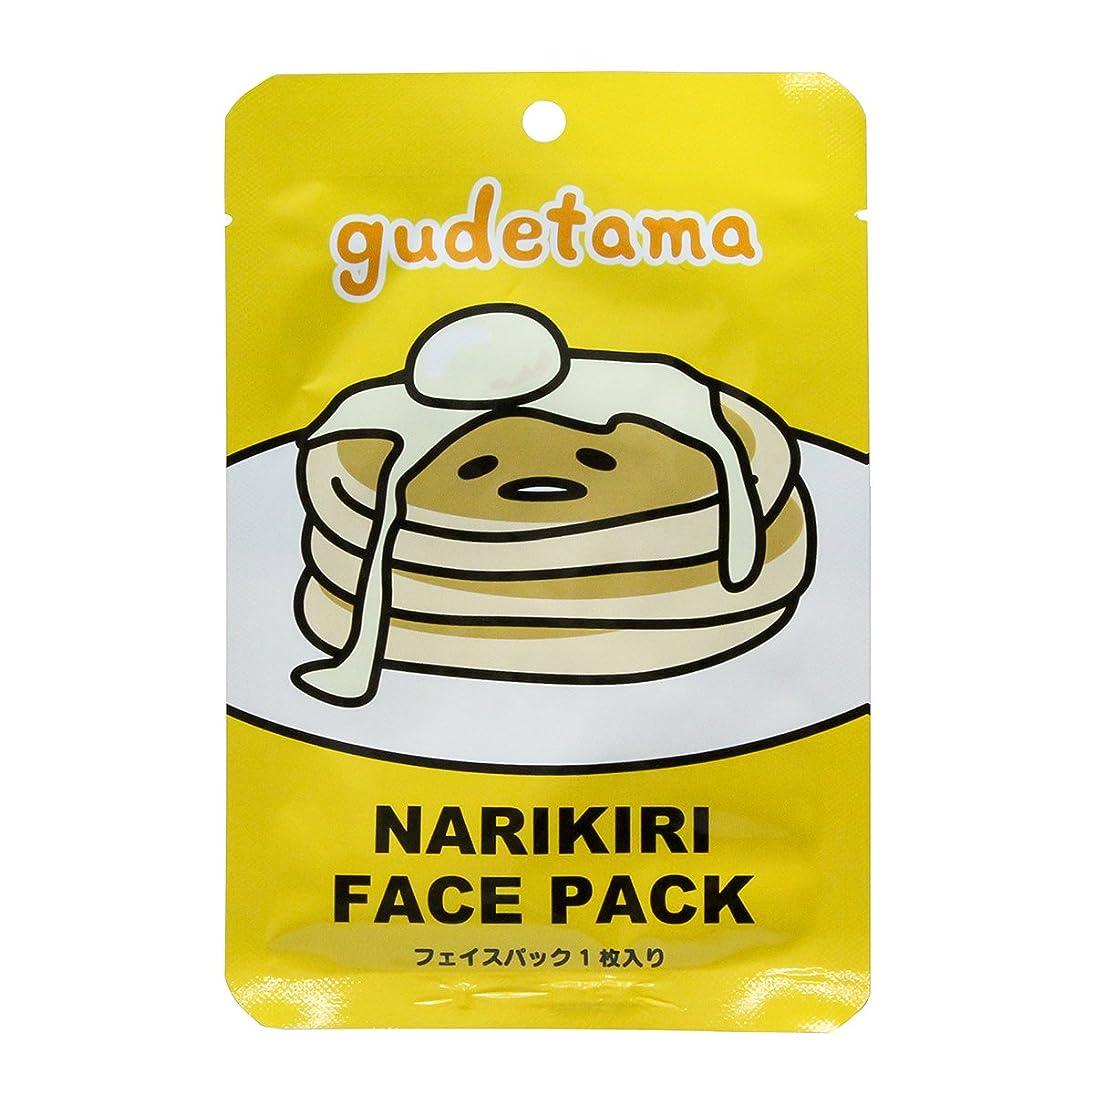 保証金和解する控えるぐでたま なりきりフェイスパック パンケーキ バニラの香り (20mL × 1枚入)